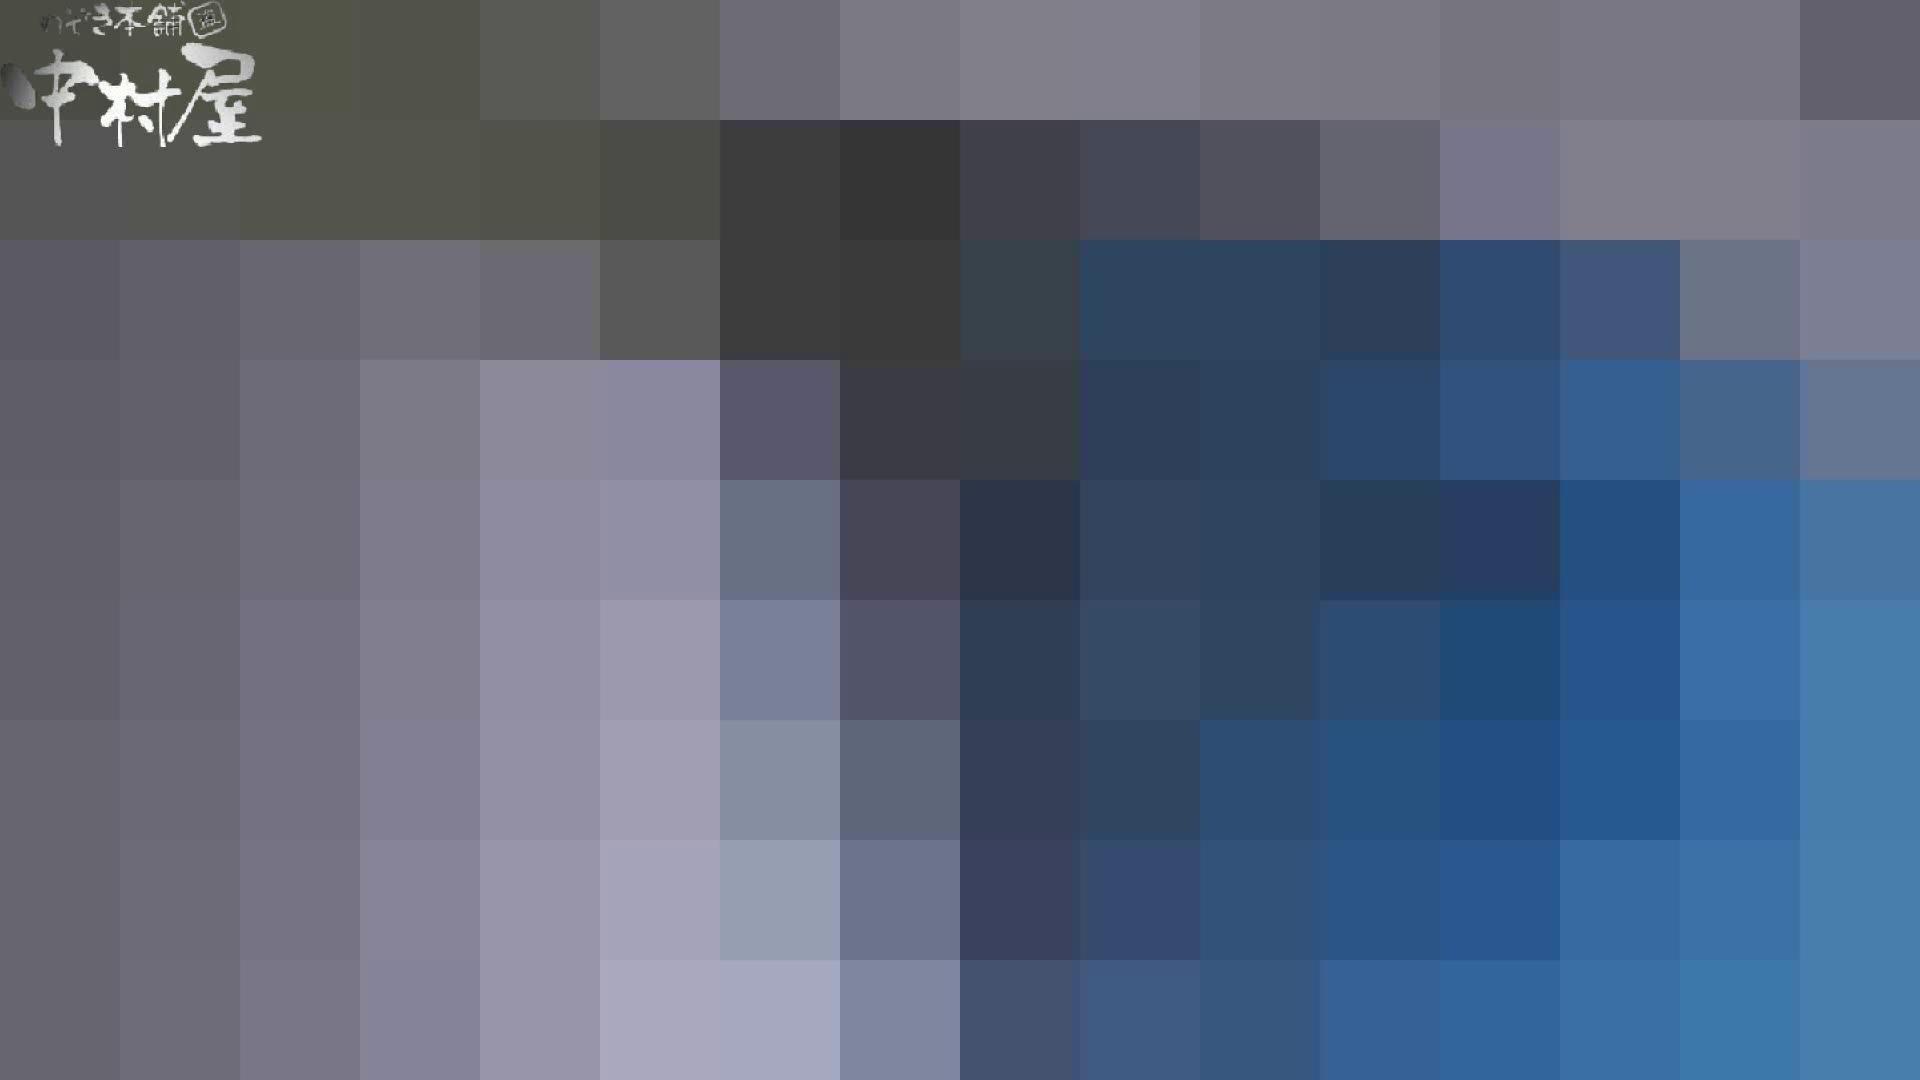 【お銀さんの「洗面所突入レポート!!」】お銀さんの「洗面所突入レポート!!」 vol.28小島陽菜似のピンクオシャレさん 洗面所  98連発 14